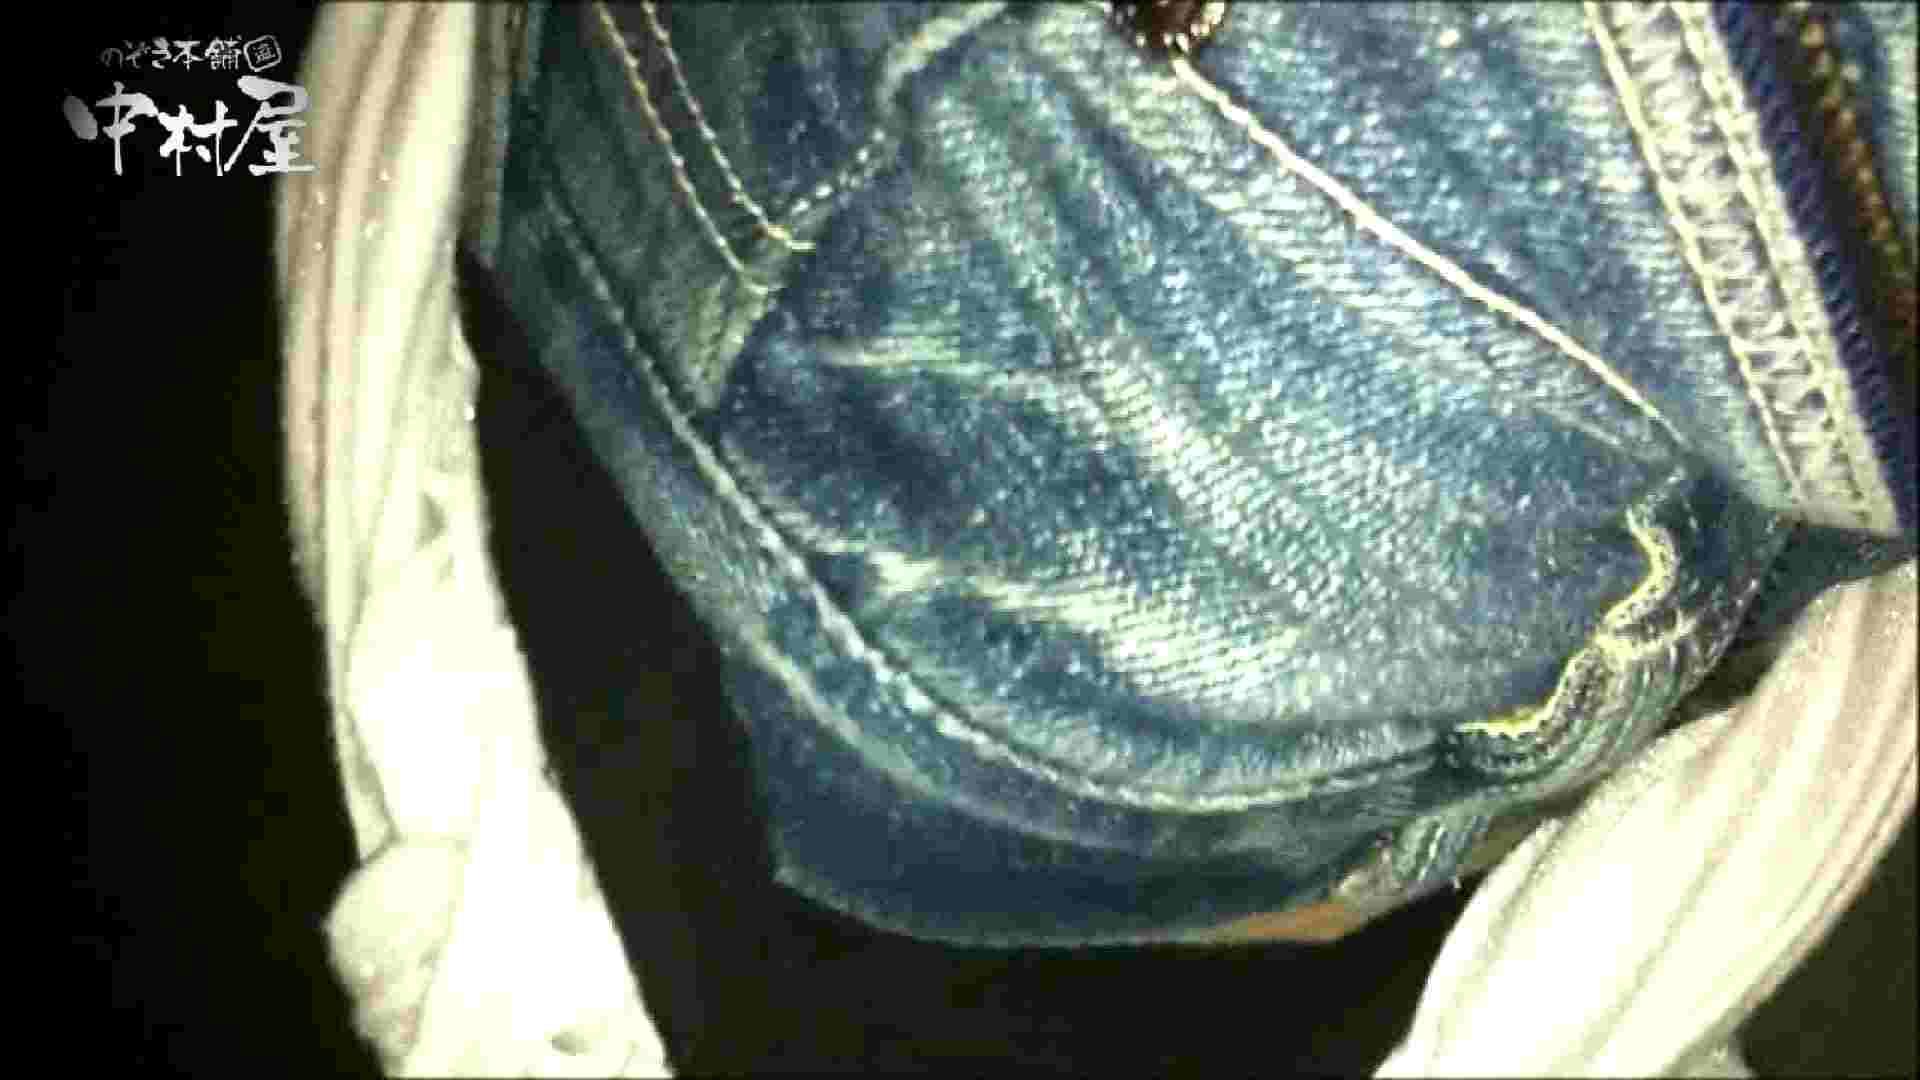 トイレ盗撮 欲望 リアルドール Vol.01 Kちゃんショップ店員店員20歳 のぞき本舗 中村屋